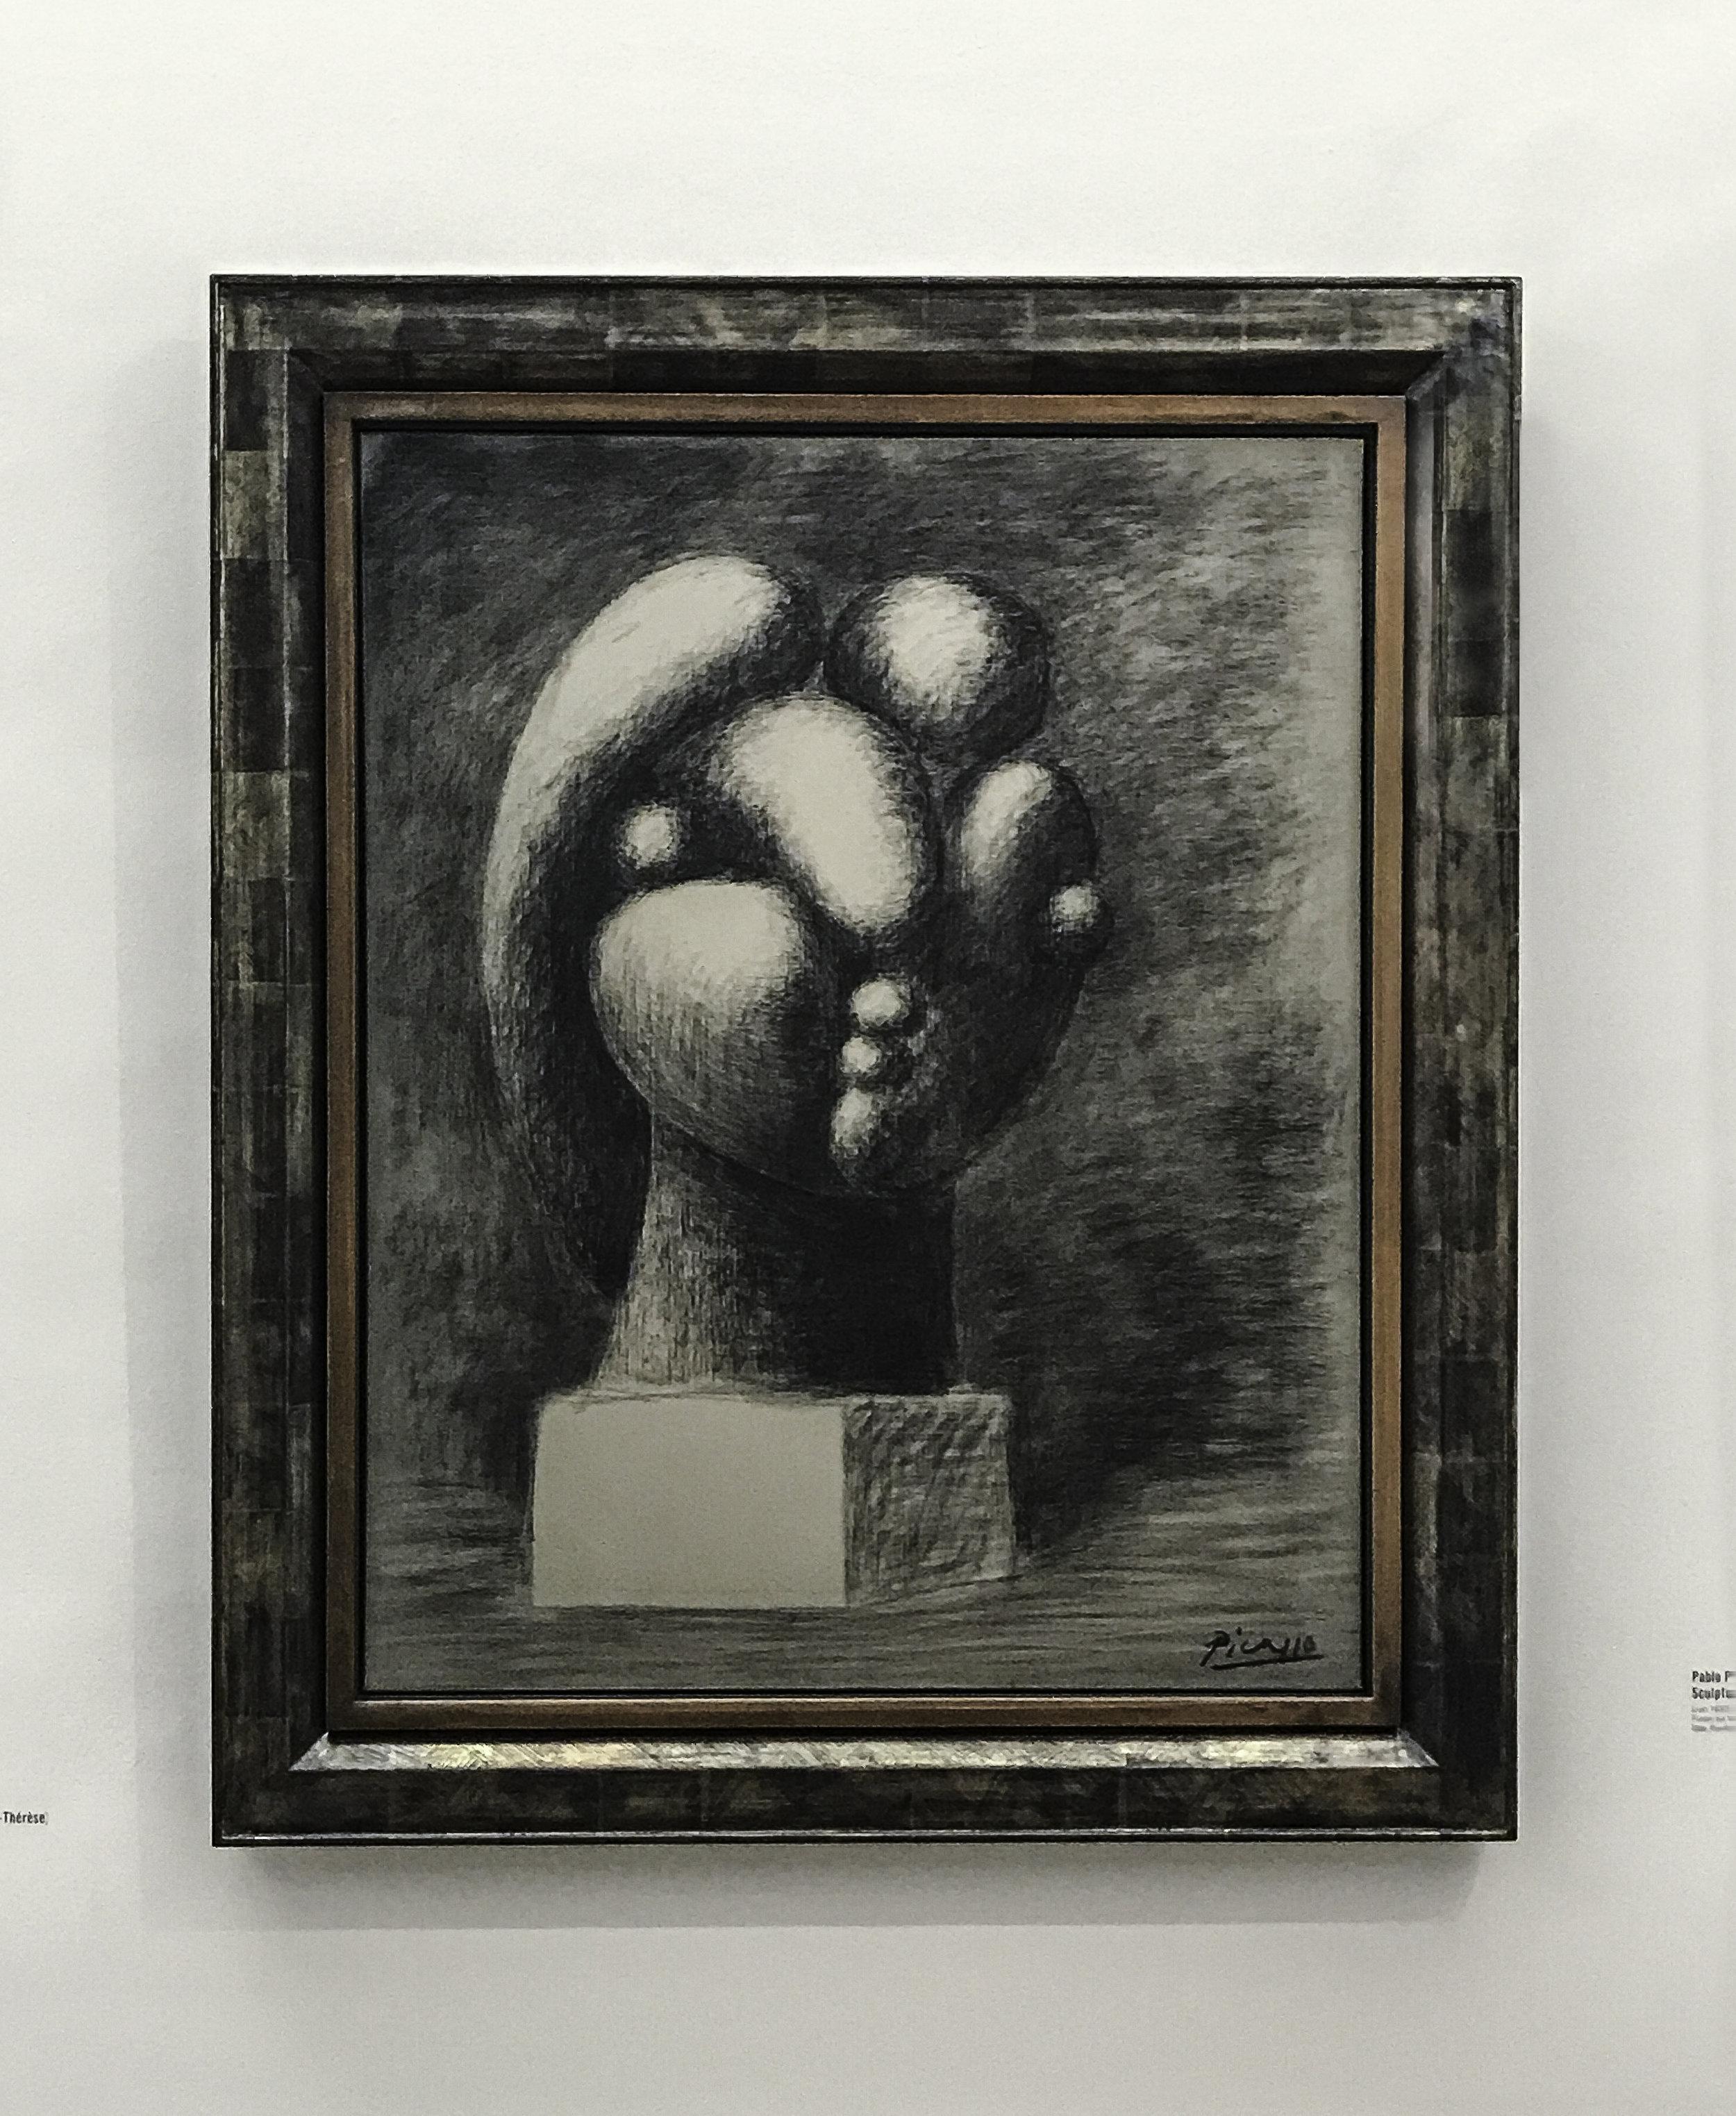 """Pablo Picasso, """"Sculpture d'une tete: Marie-Thérèse,"""" 1932, charcoal on canvas"""